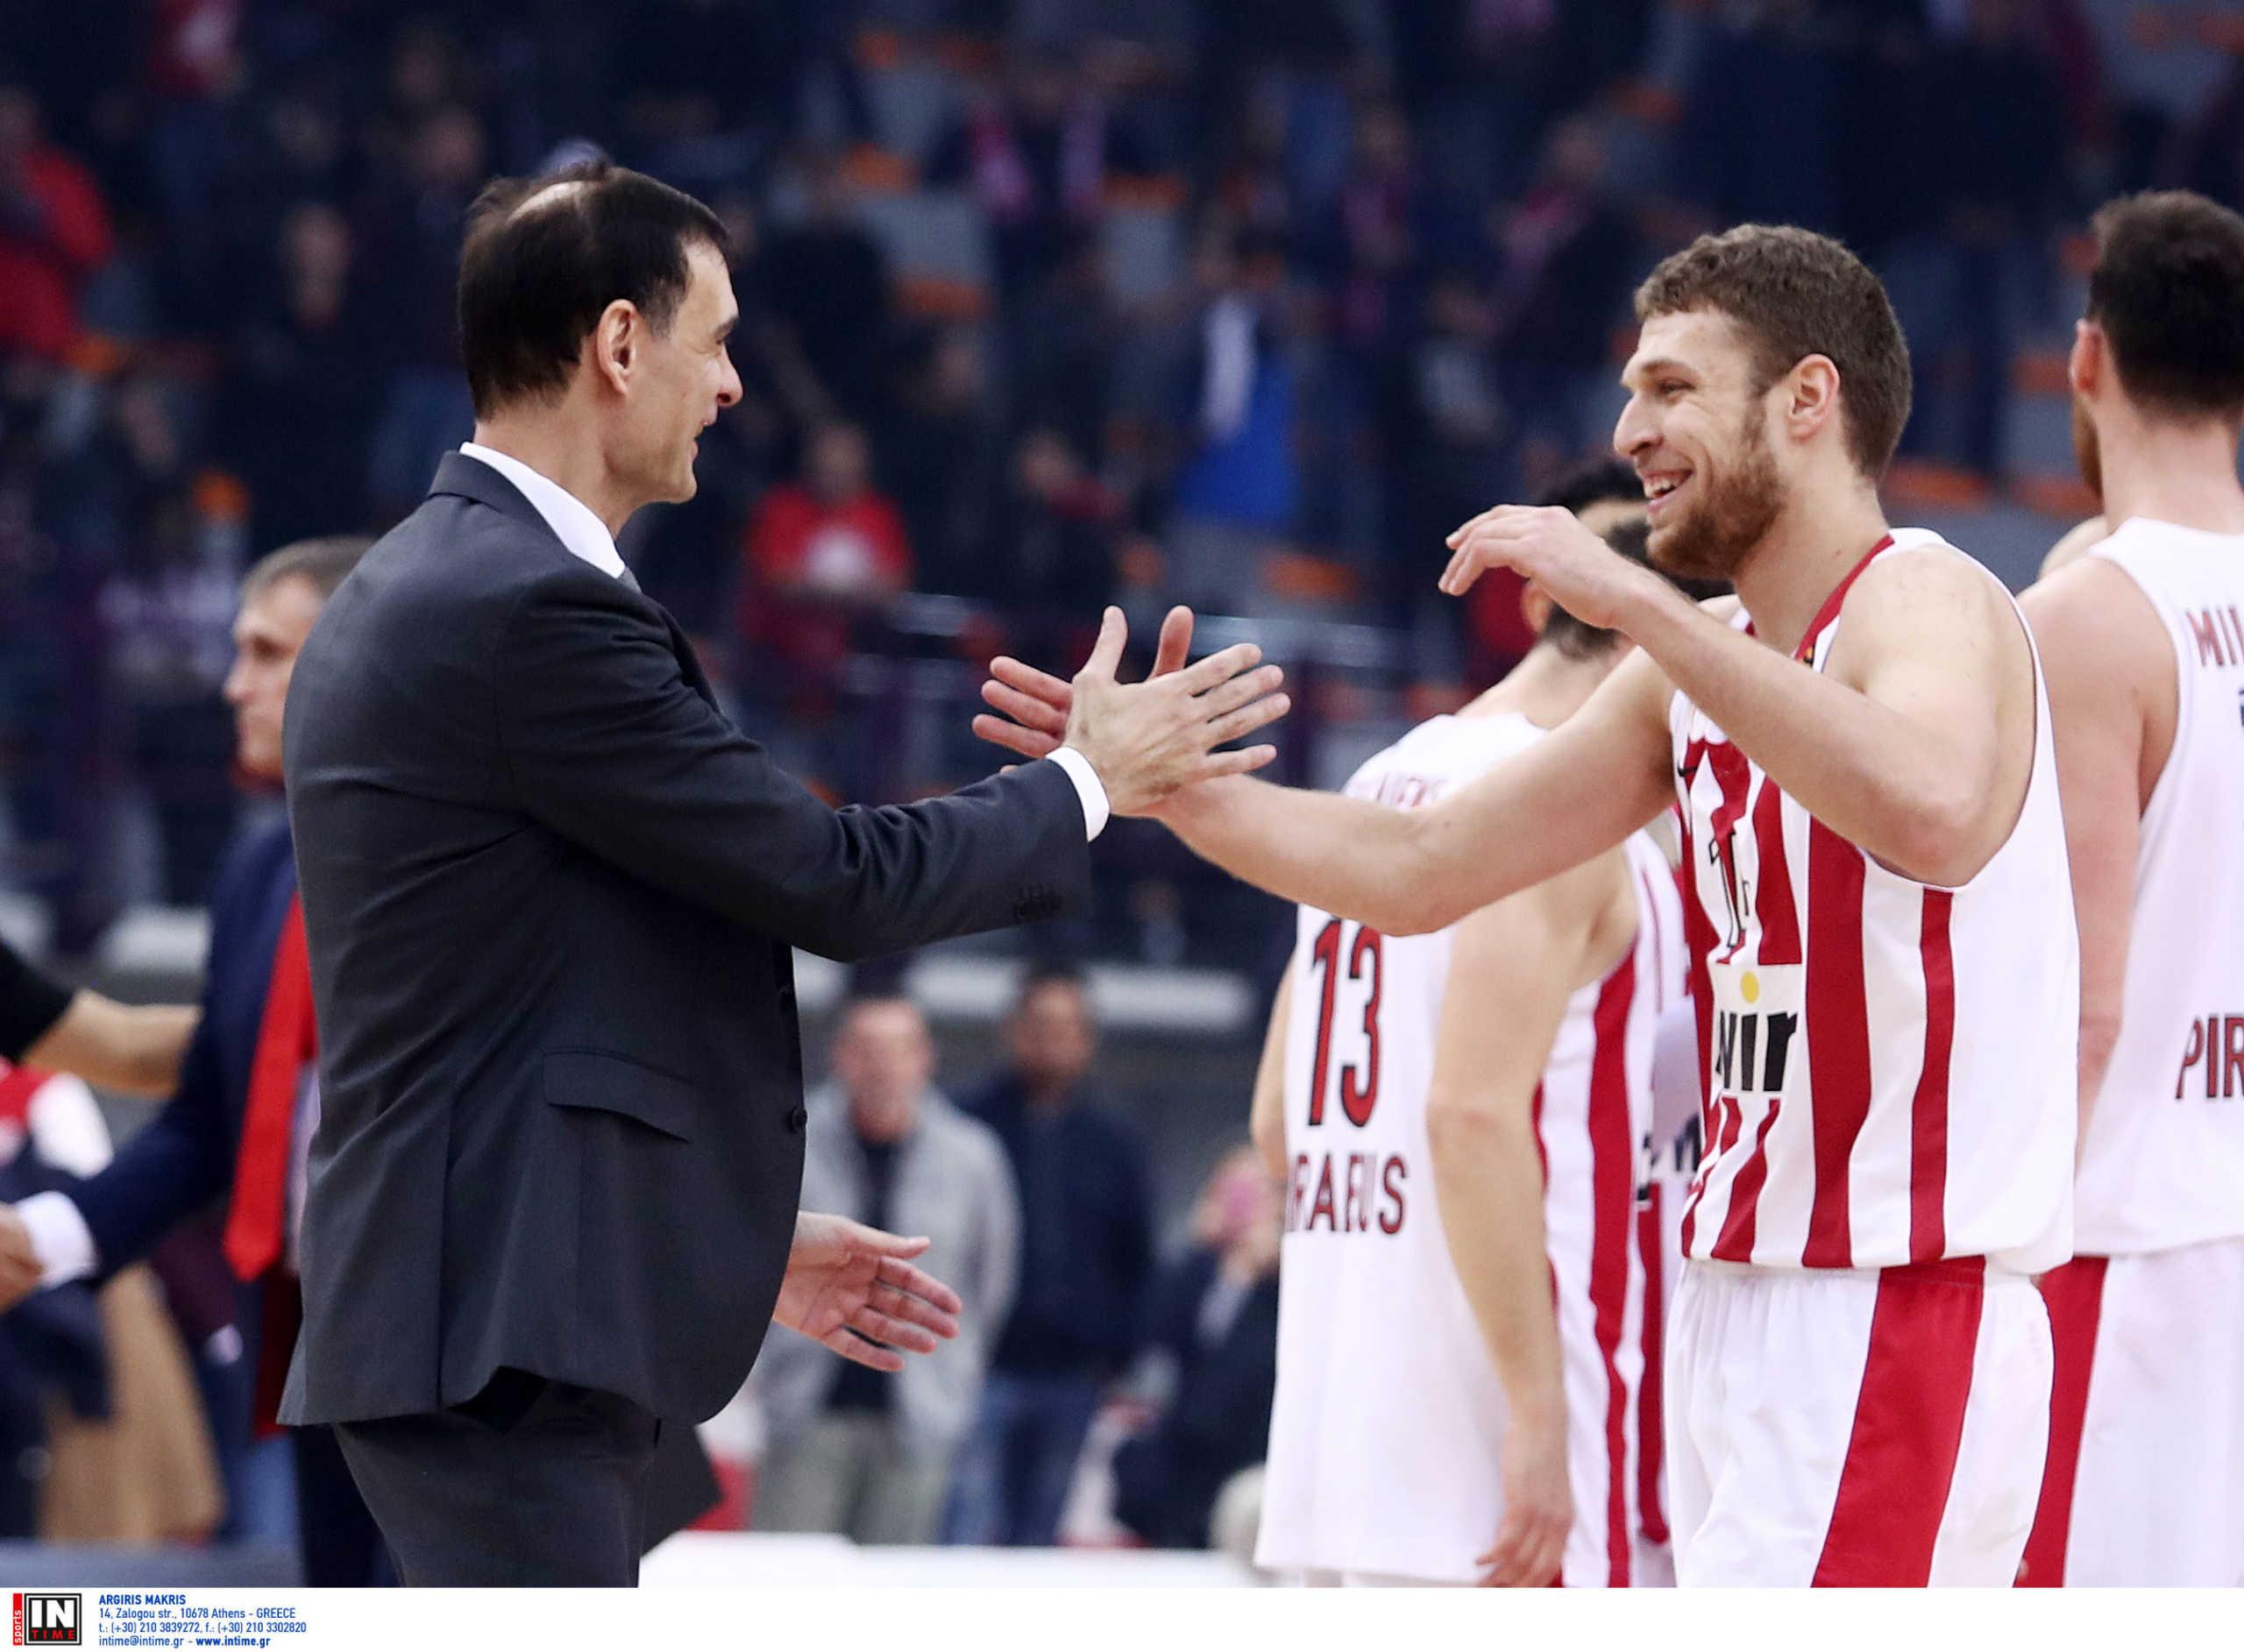 """Ολυμπιακός: """"Αυτή η ομάδα έχει φτιαχτεί για να πρωταγωνιστήσει"""" δήλωσε ο Βεζένκοφ"""